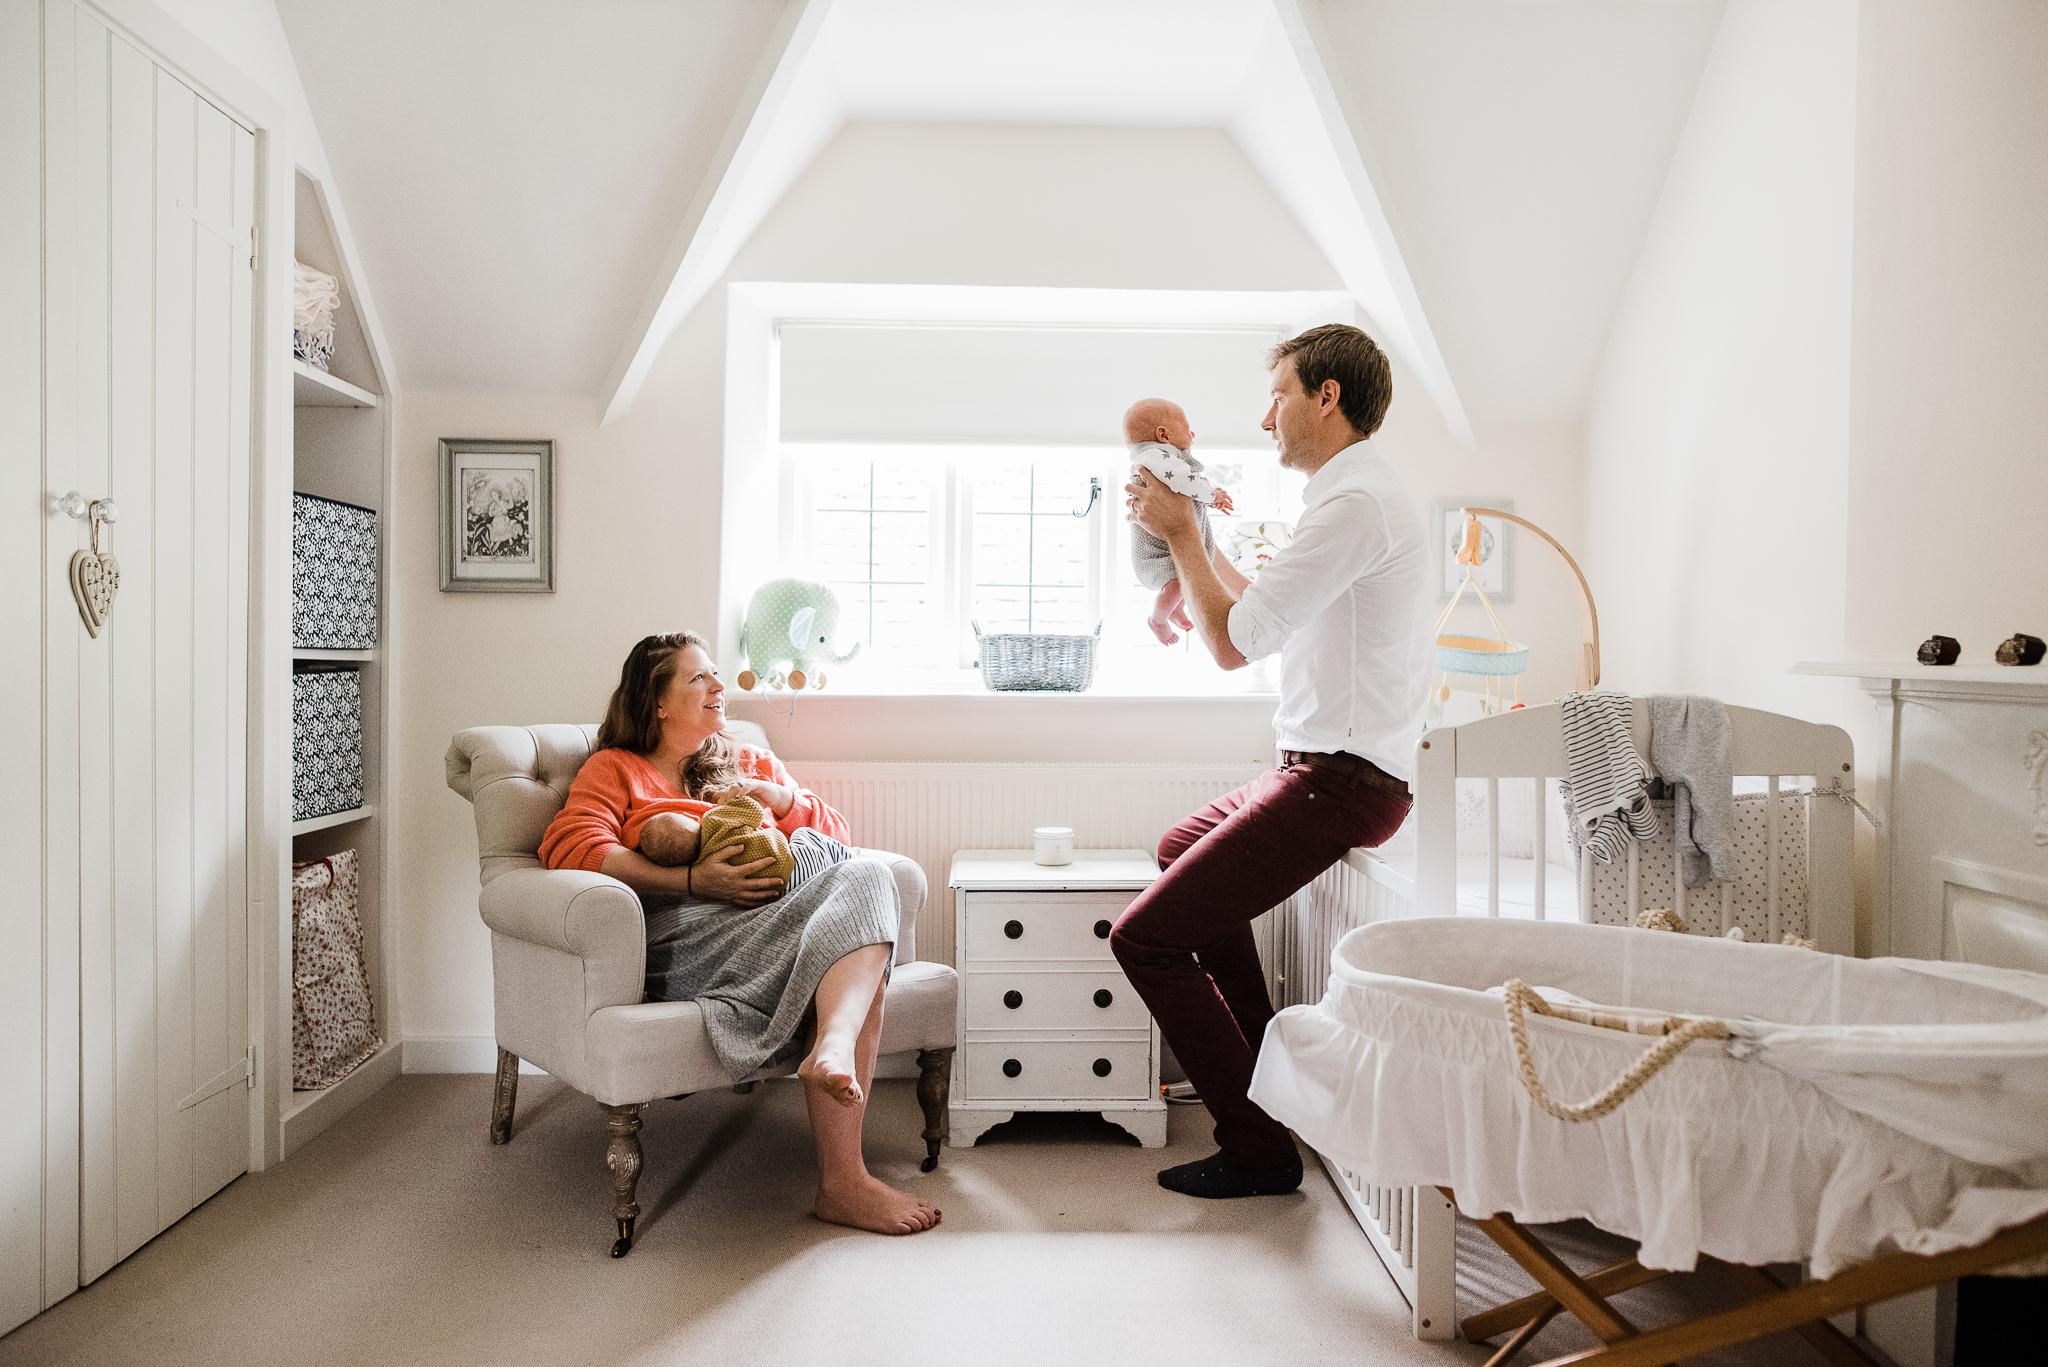 Family twin newborn in home photo Cheltenham.jpg